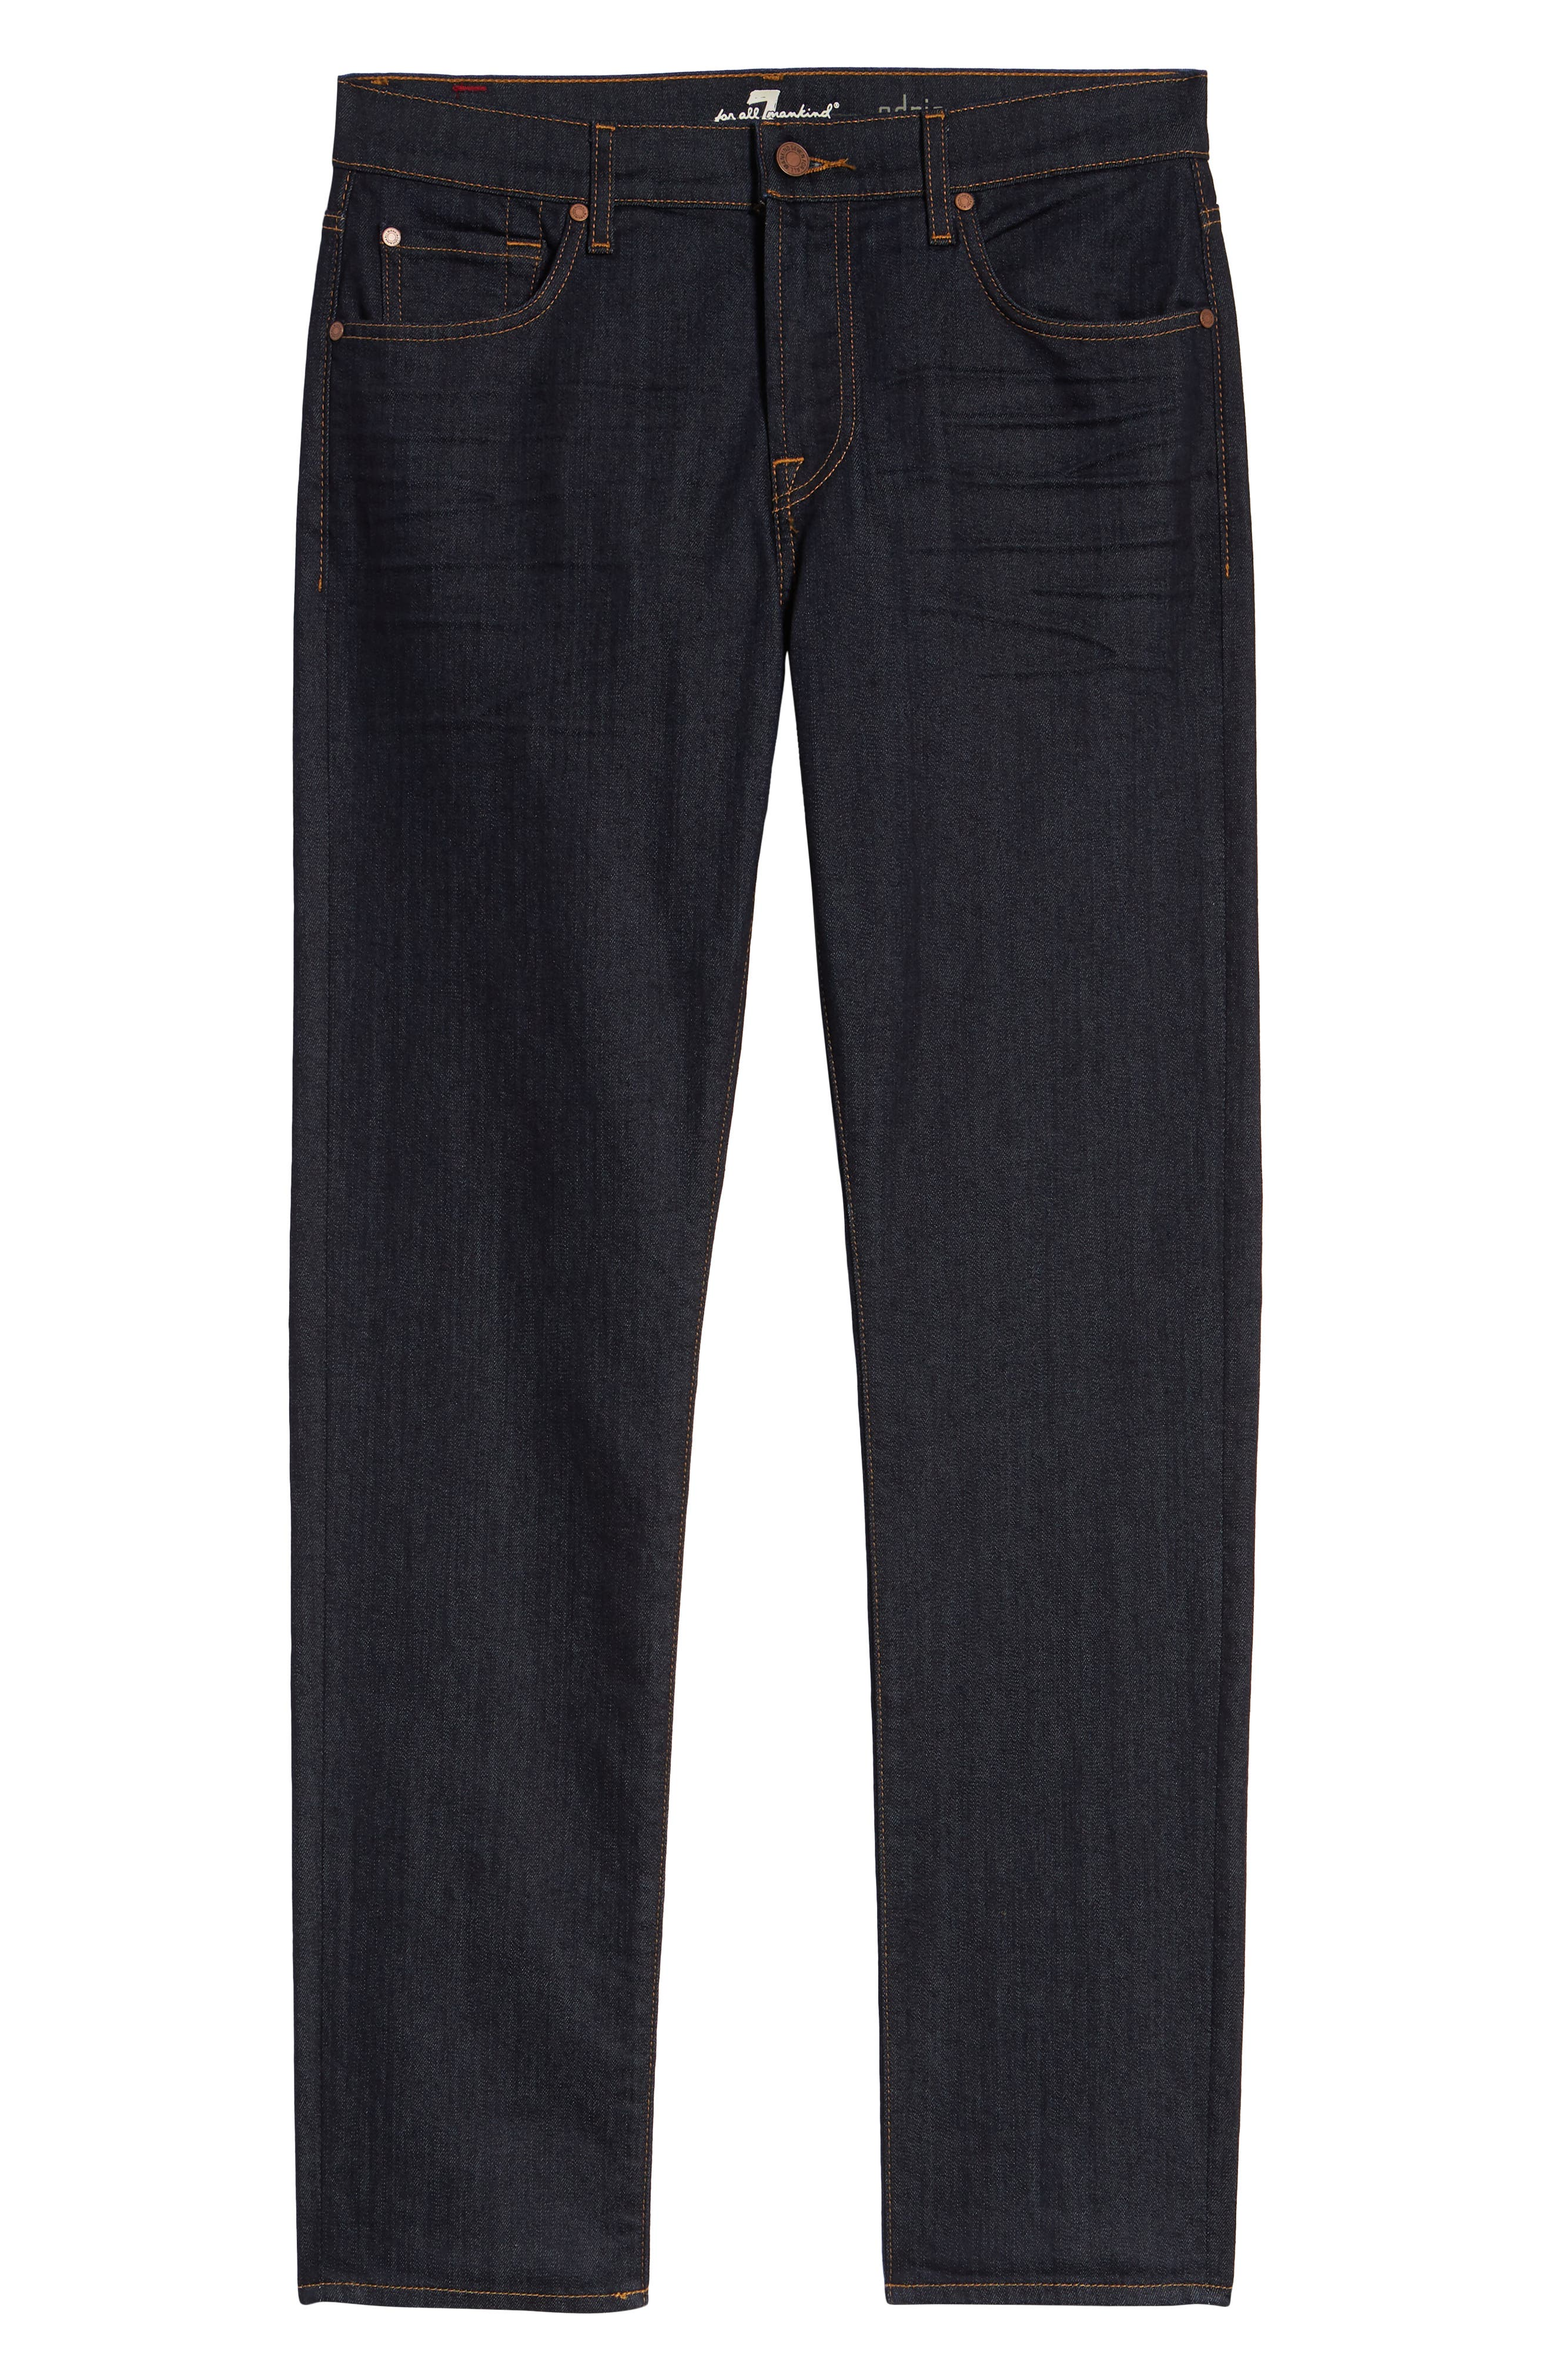 Adrien Slim Fit Jeans,                             Alternate thumbnail 6, color,                             404